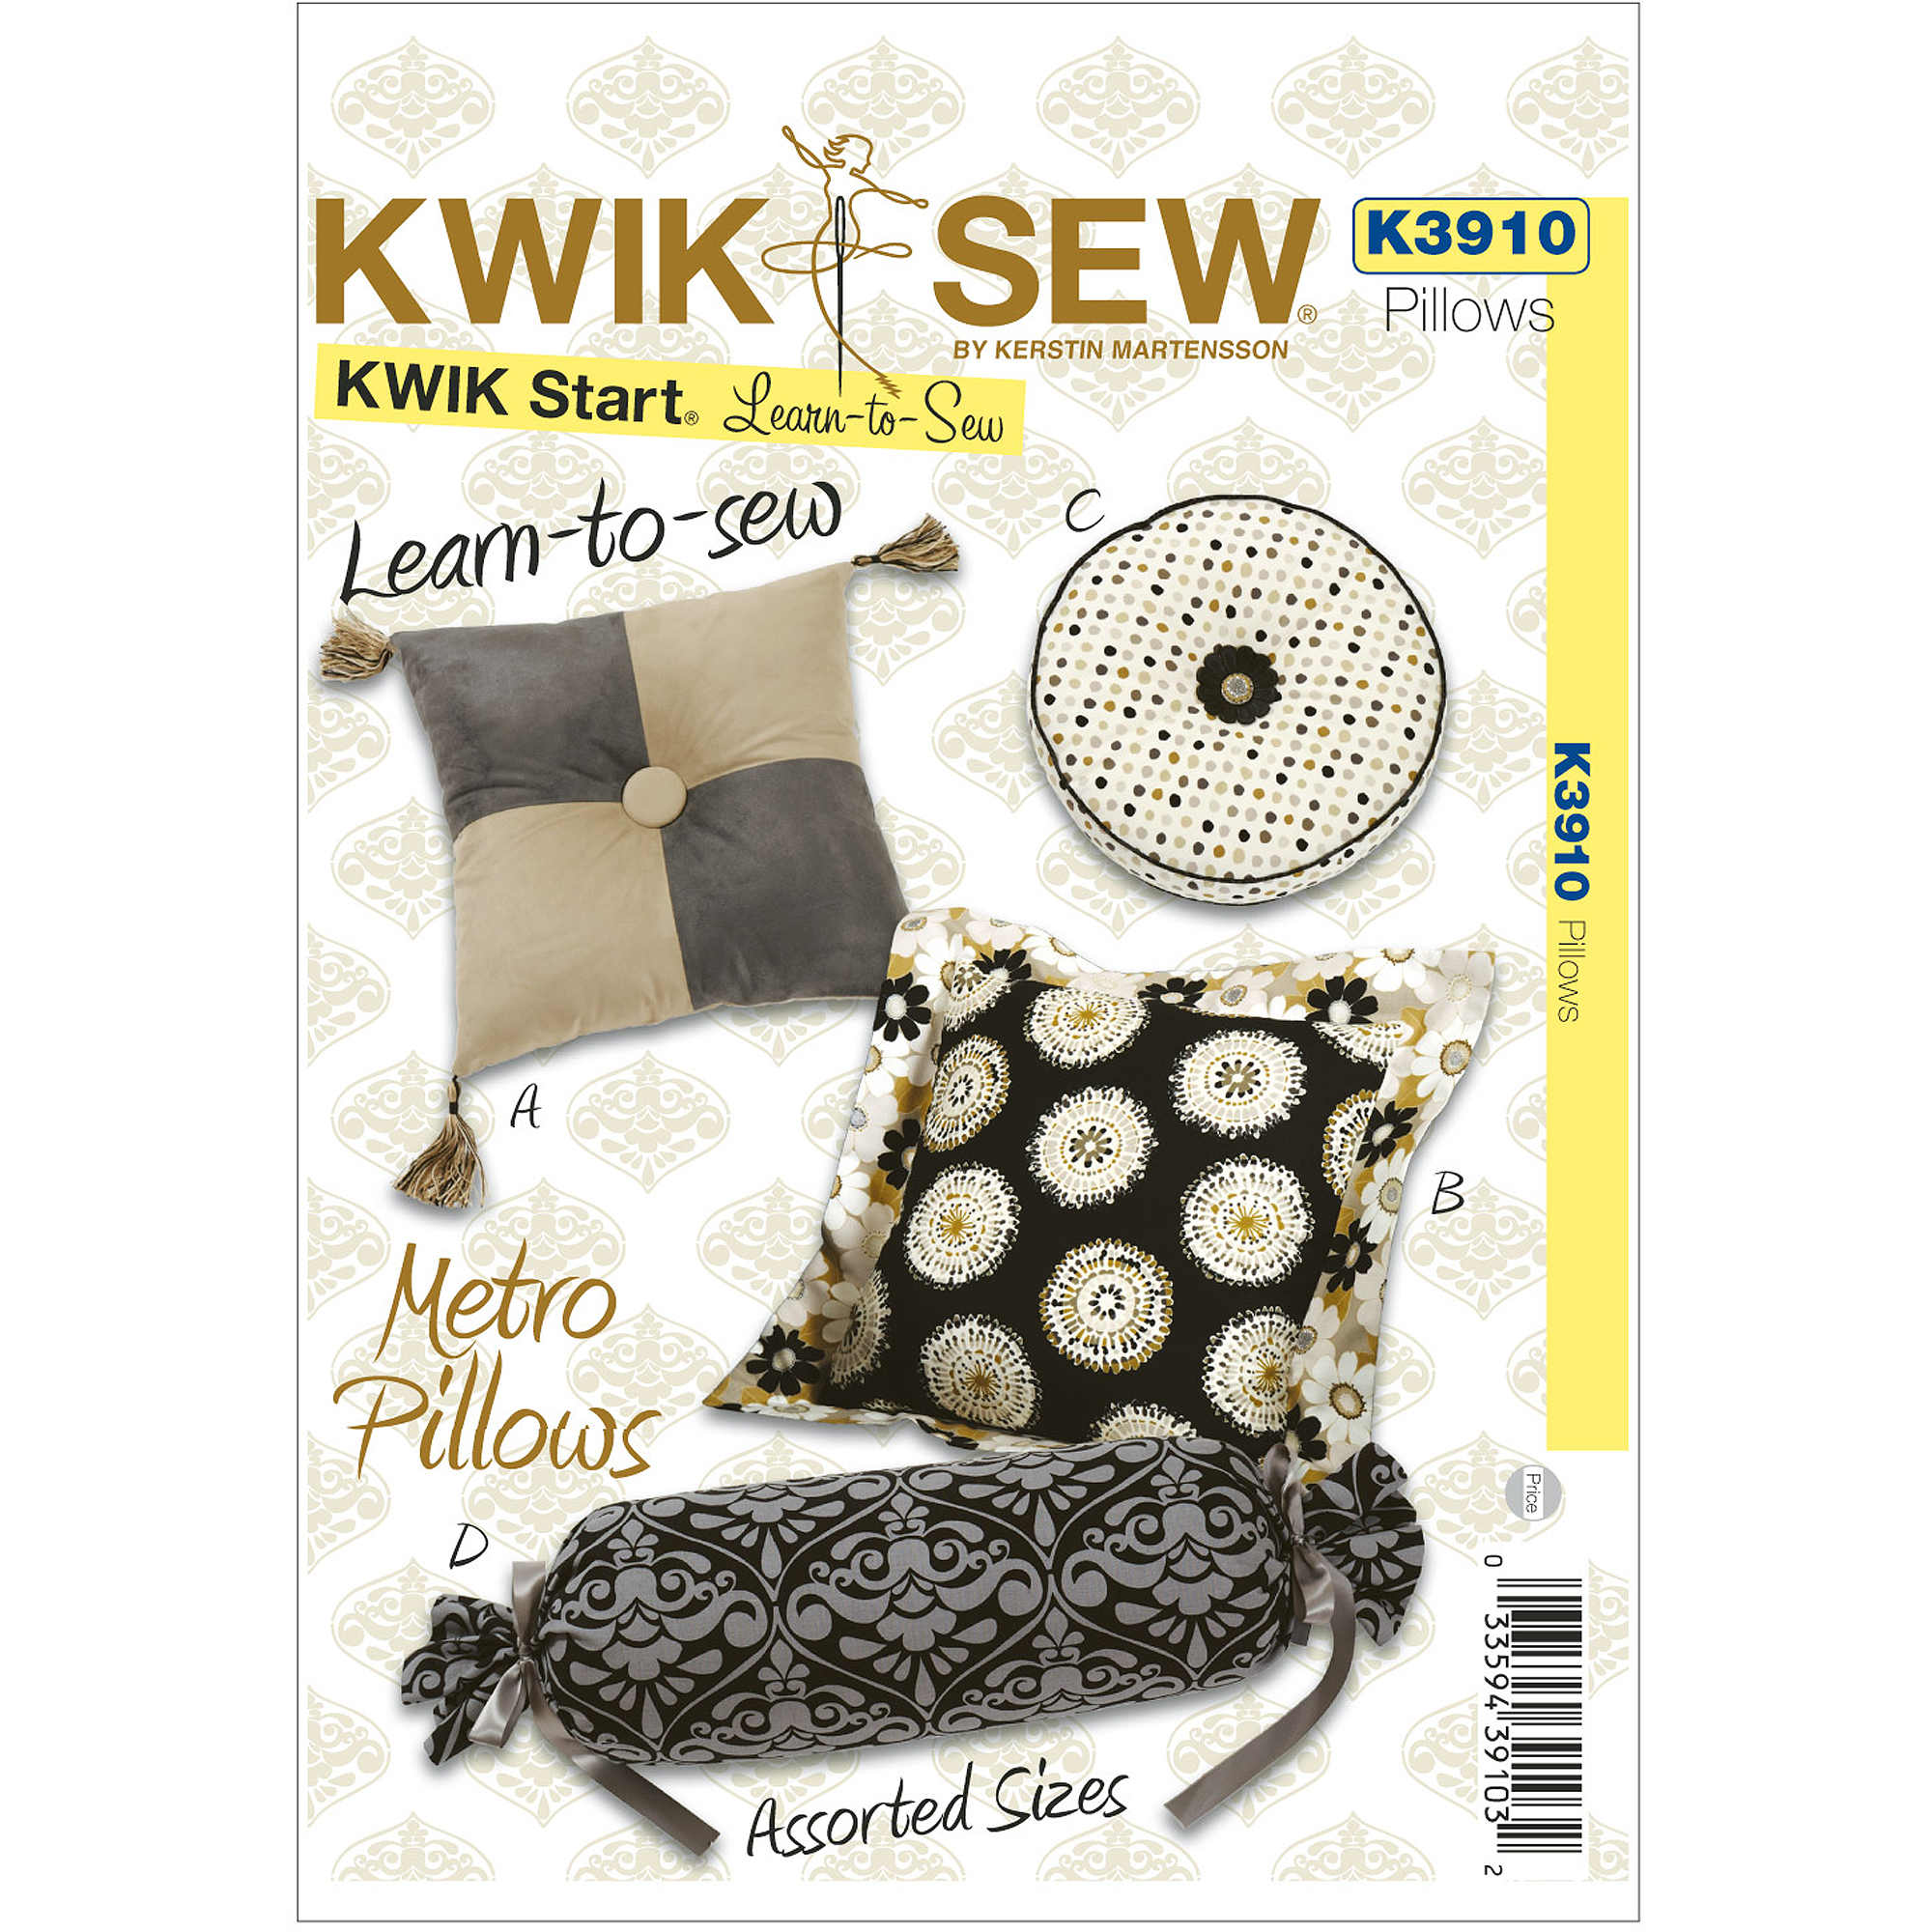 Kwik Sew Pattern Metro Pillows